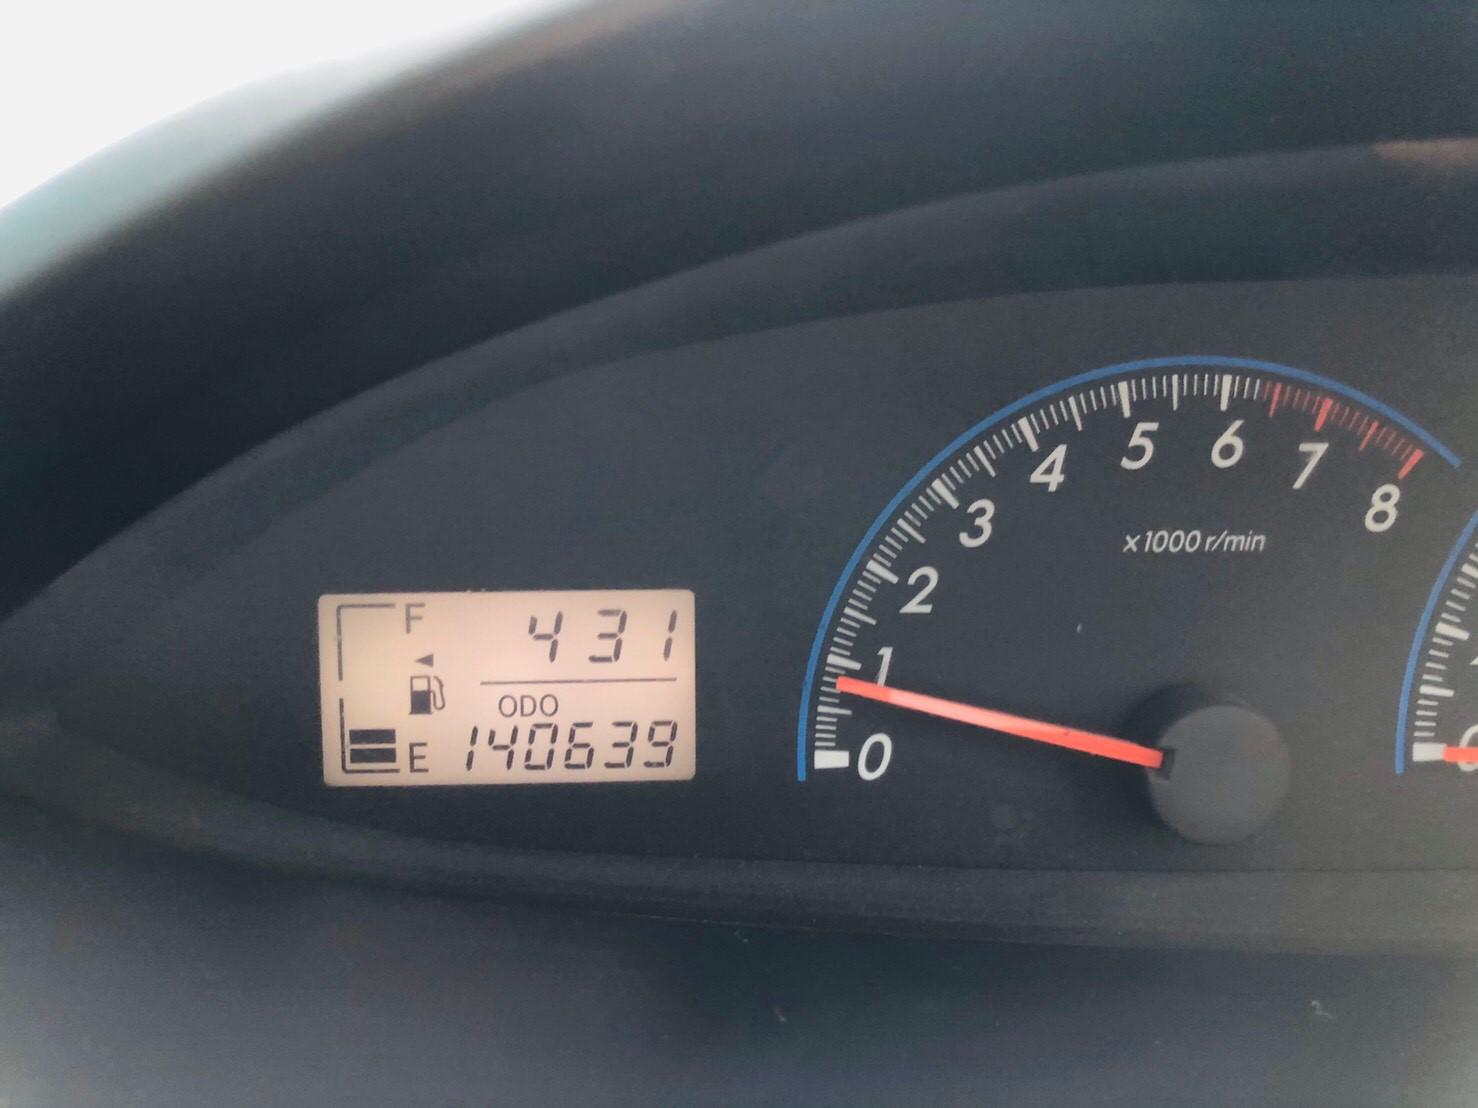 ภาพหน้าปัดเลขไมล์ โตโยต้า วีออส 1.5 E ABS ปี 2007